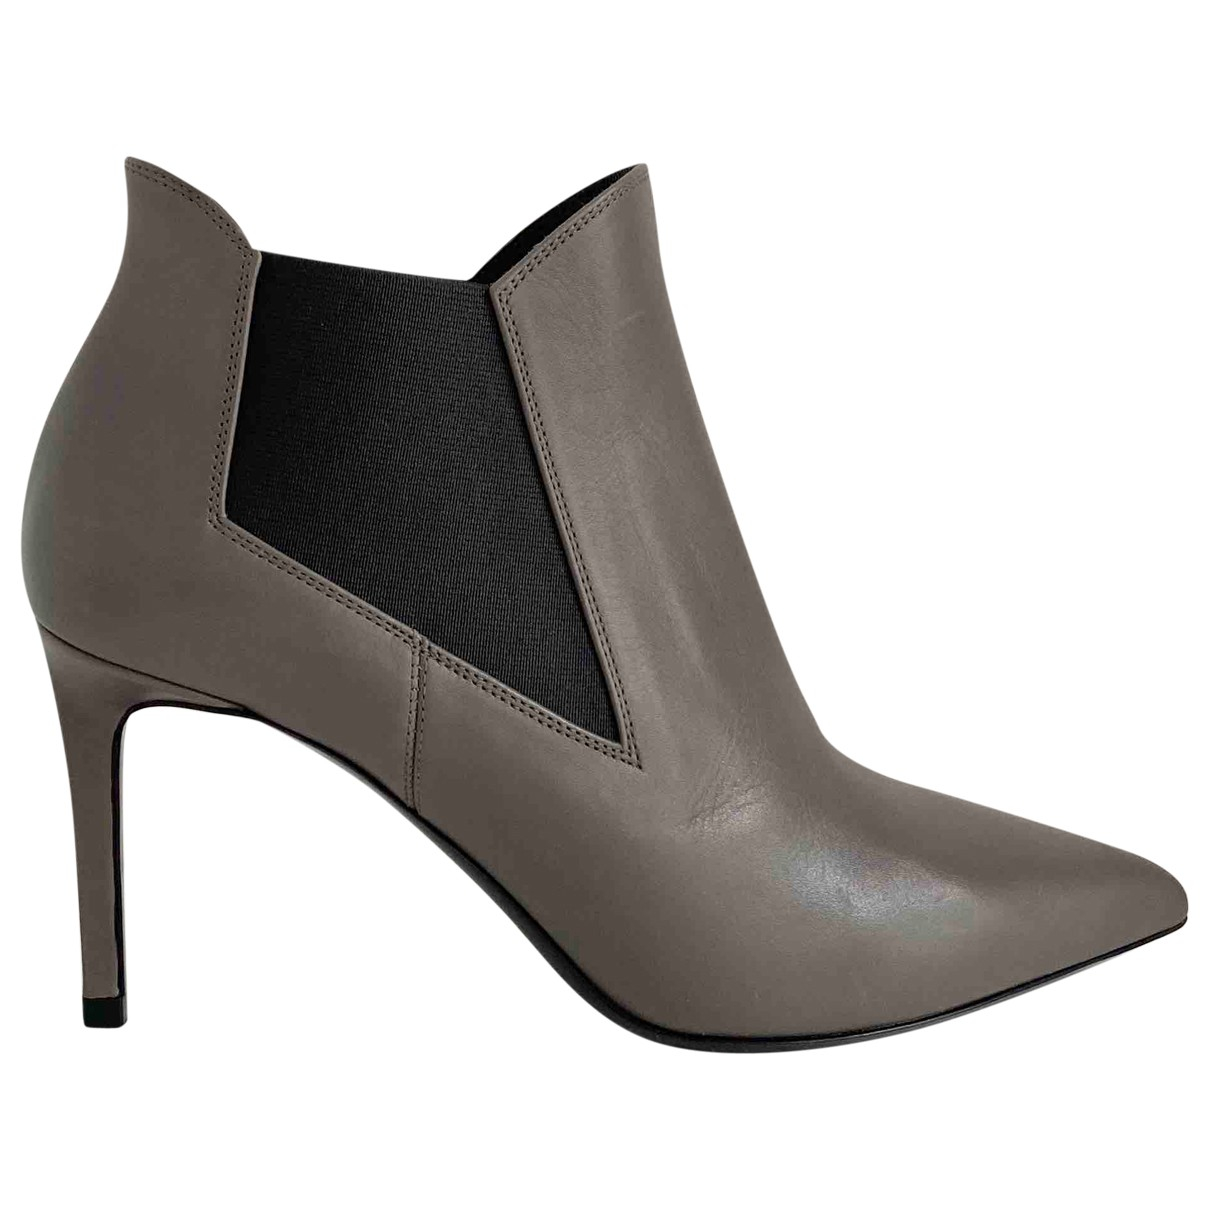 Saint Laurent \N Stiefel in  Grau Leder